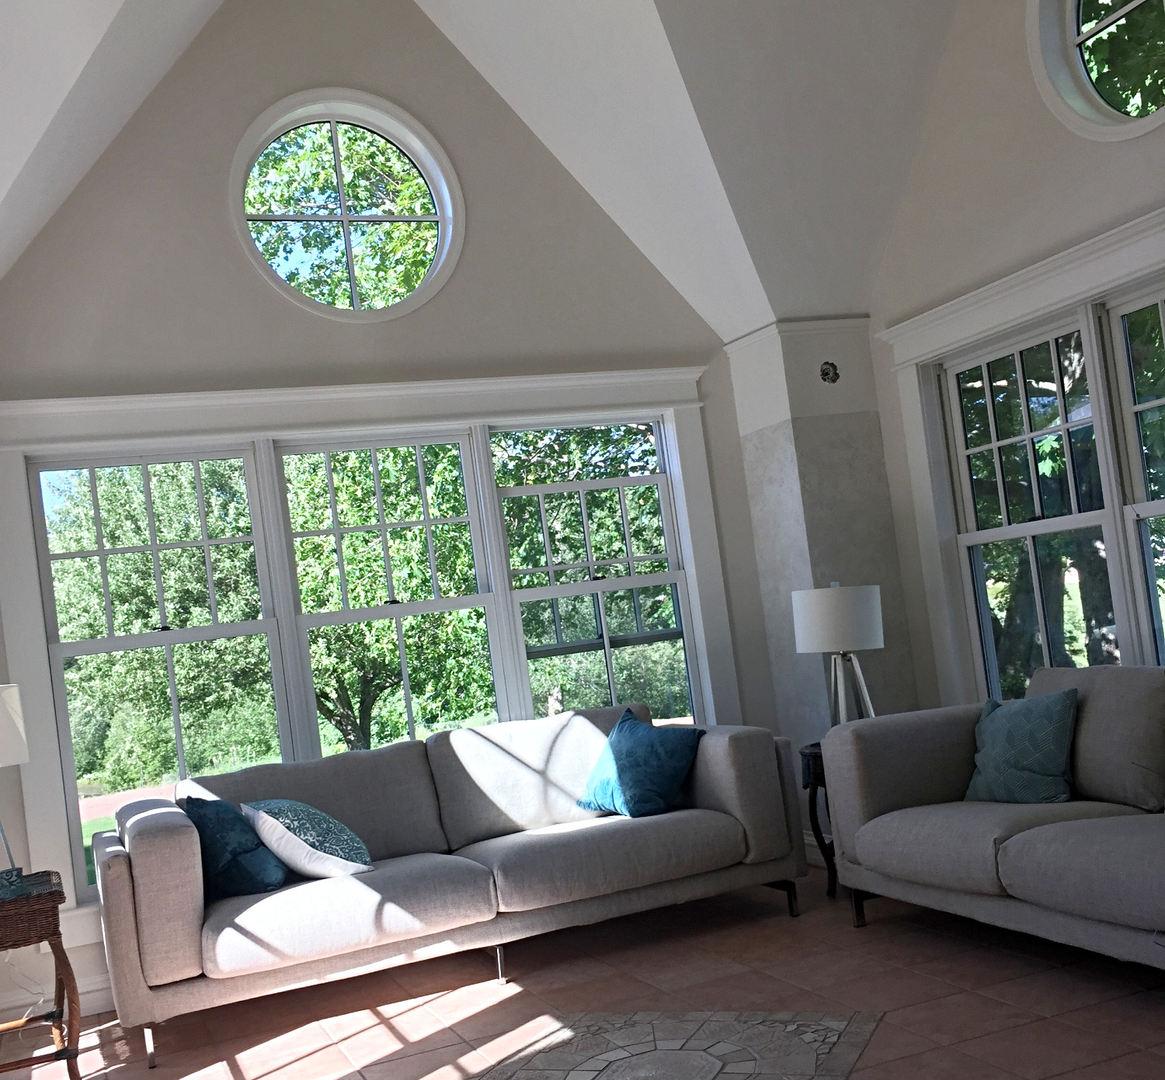 FarmHouse Inn sunroom